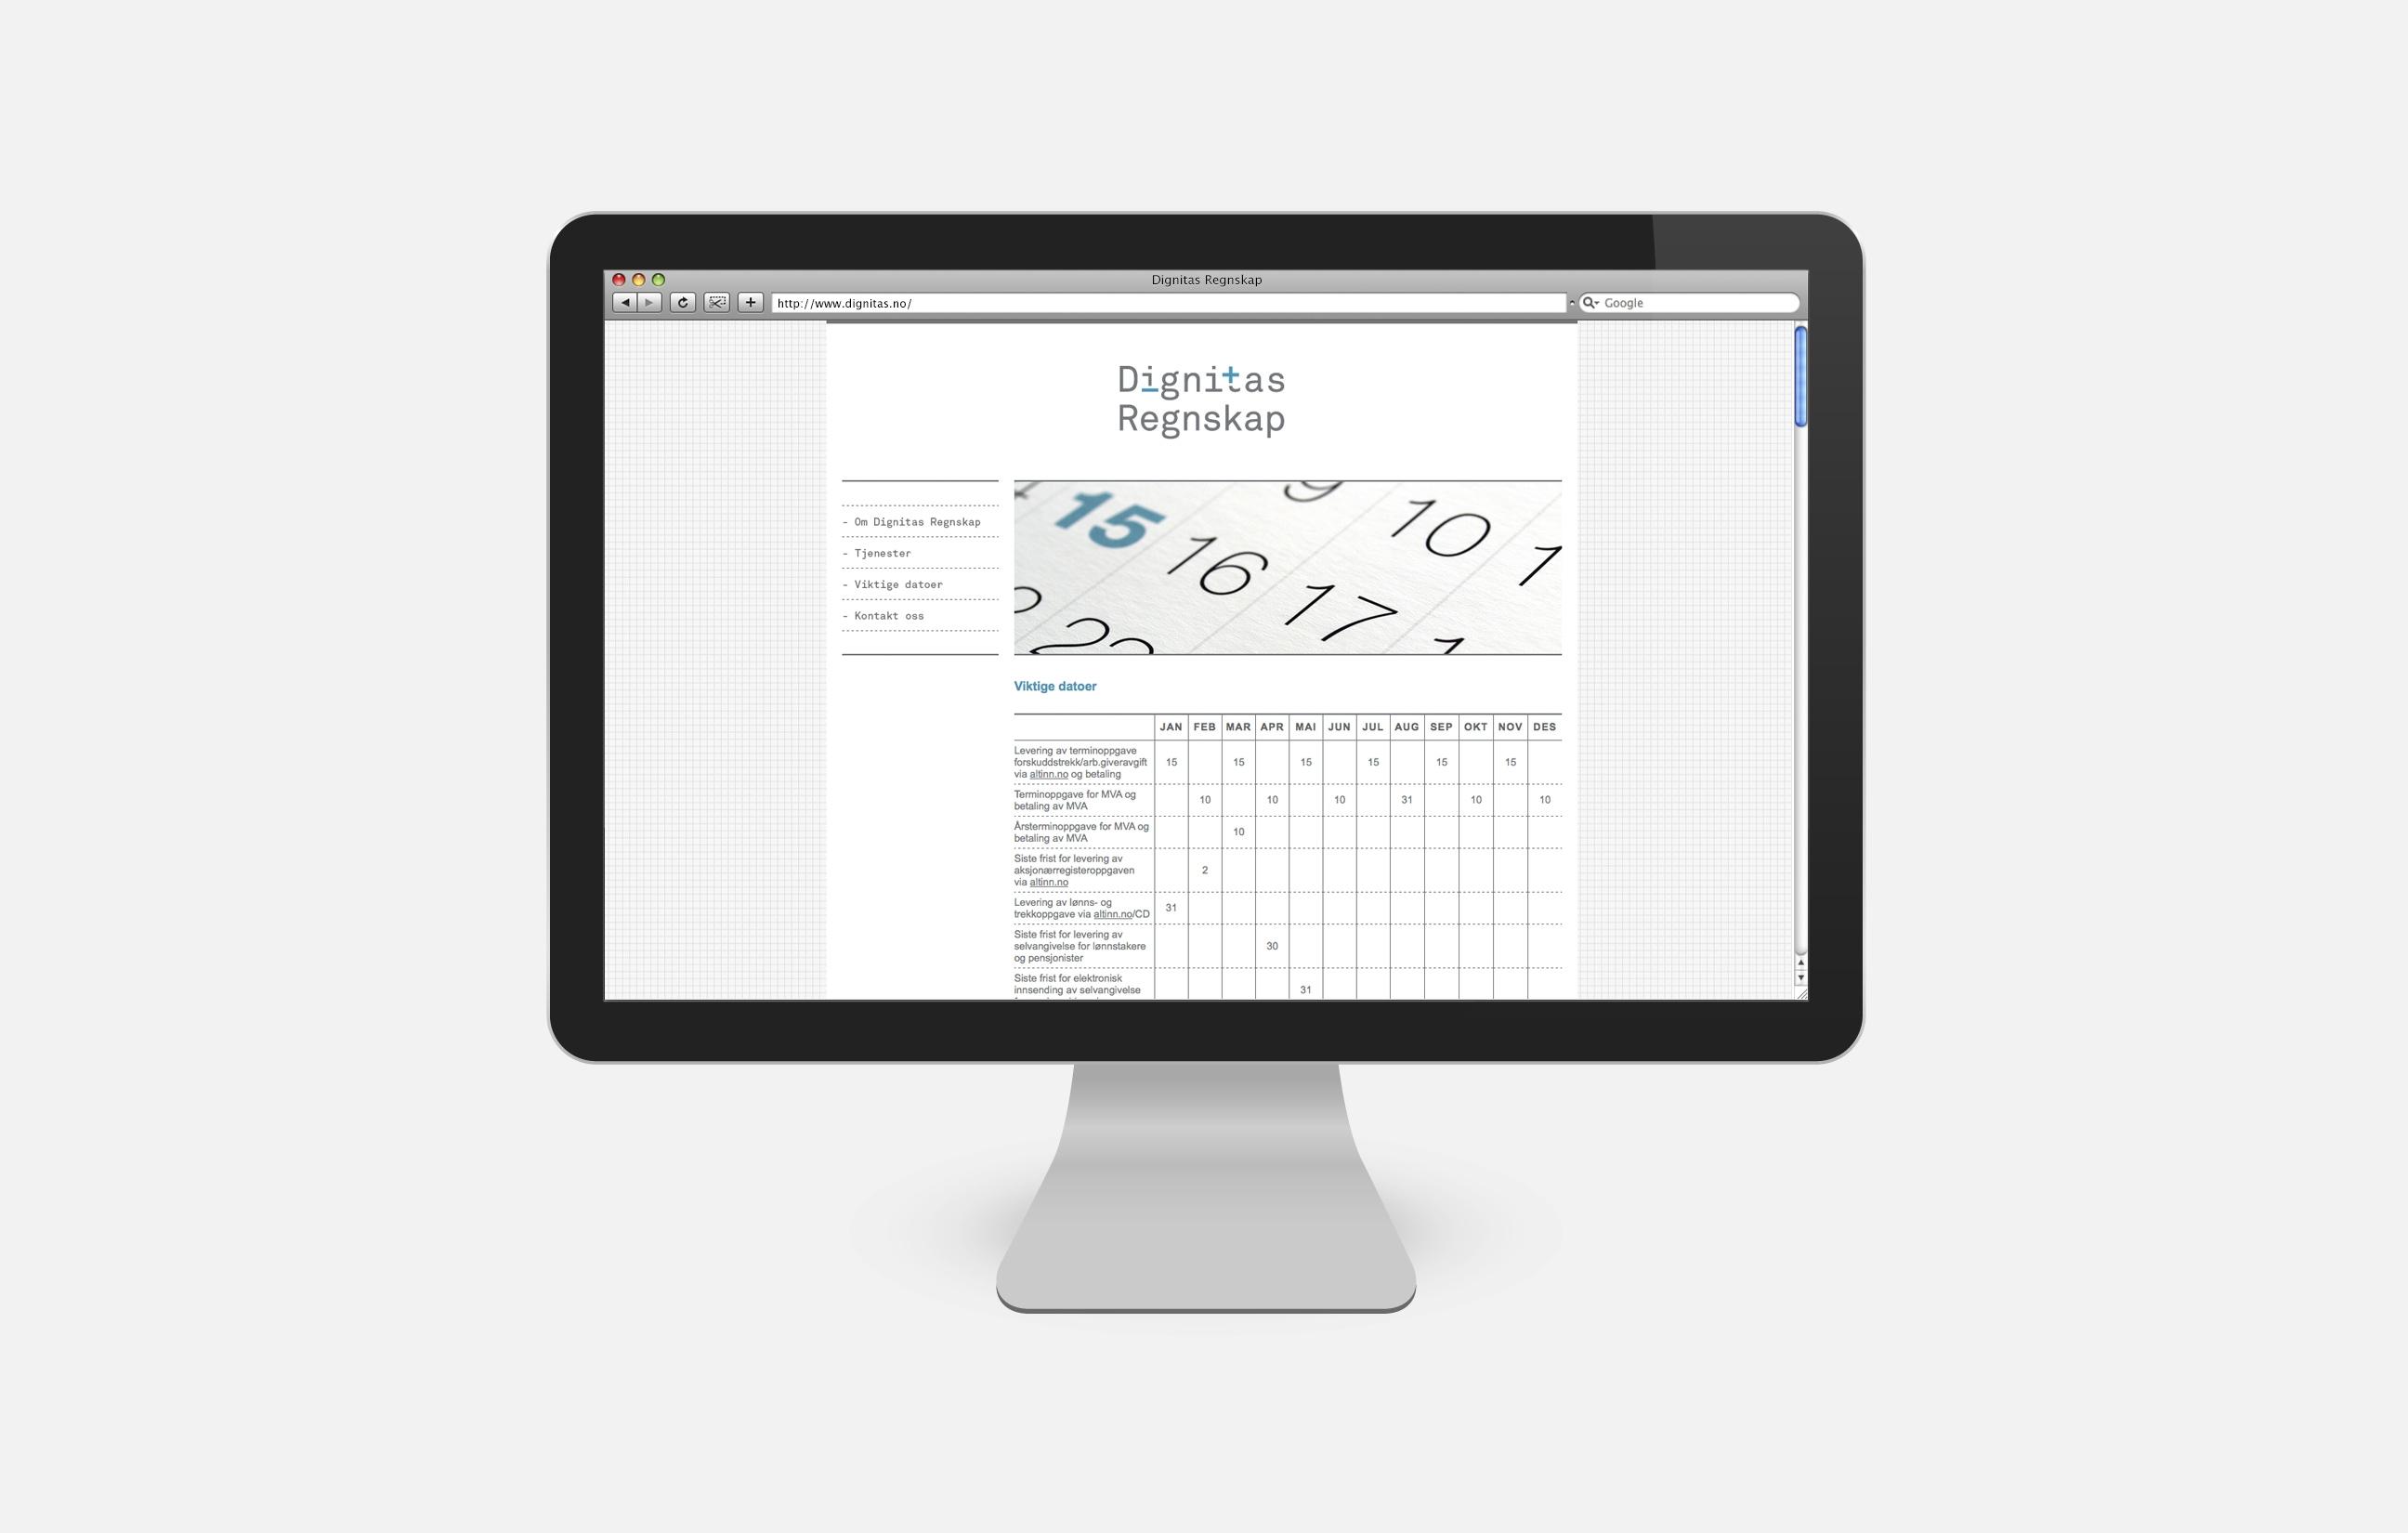 Dignitas Regnskap nettside på skjerm